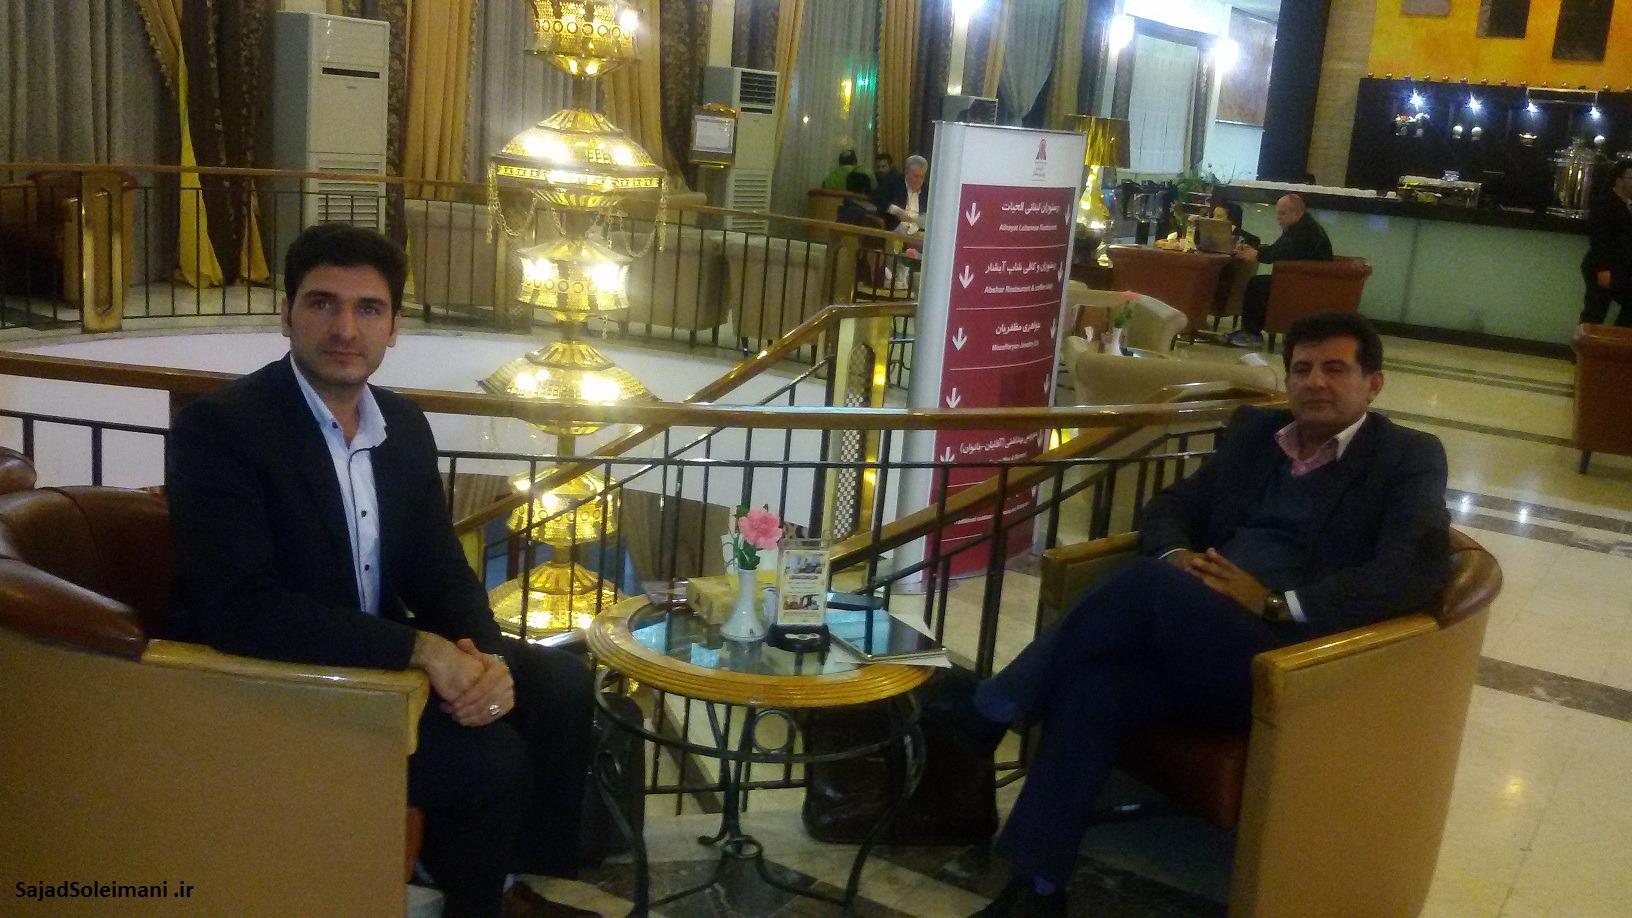 دکتر محمود حقیقت طلب و سجاد سلیمانی